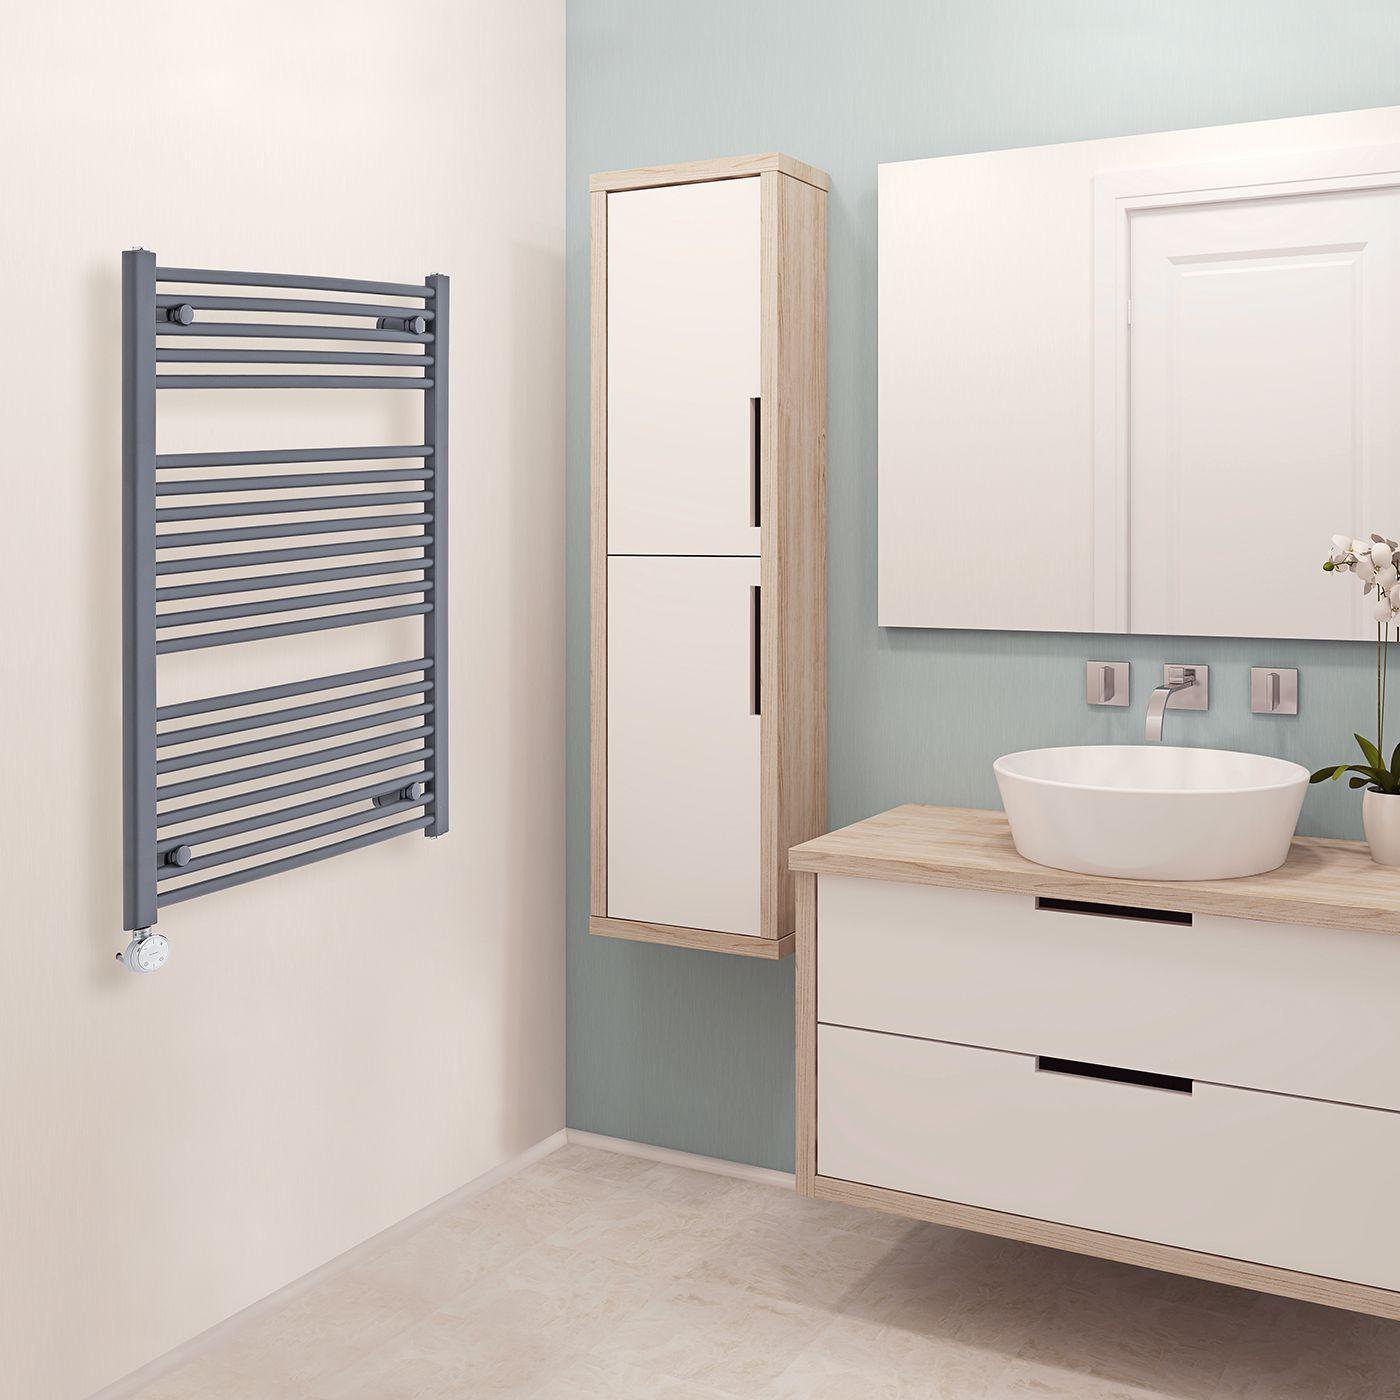 hudson reed s che serviettes lectrique incurv anthracite loa 100cm x 60cm x 5 2cm. Black Bedroom Furniture Sets. Home Design Ideas